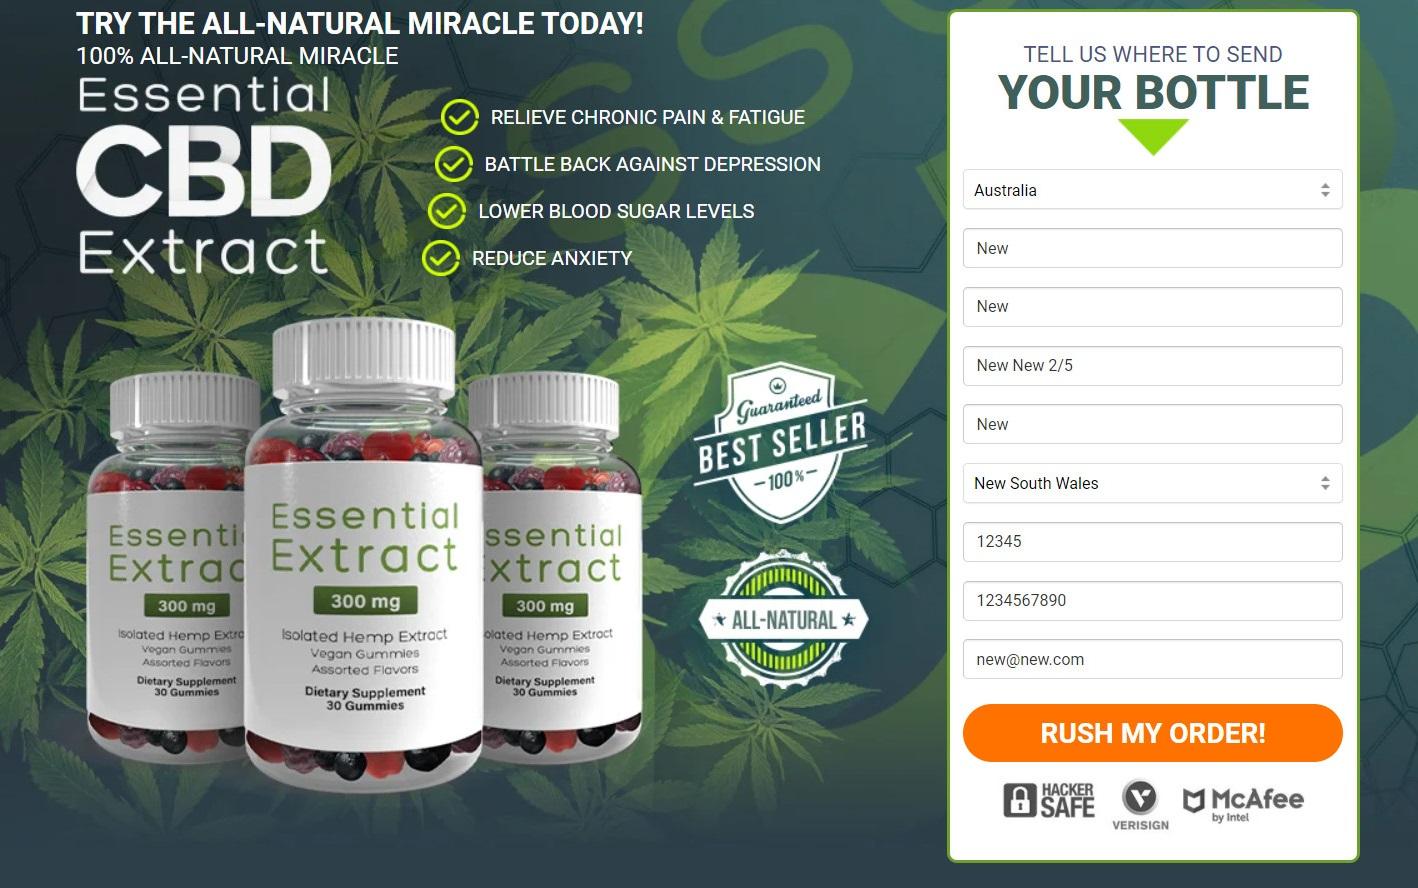 Essential CBD Extract Buy Now